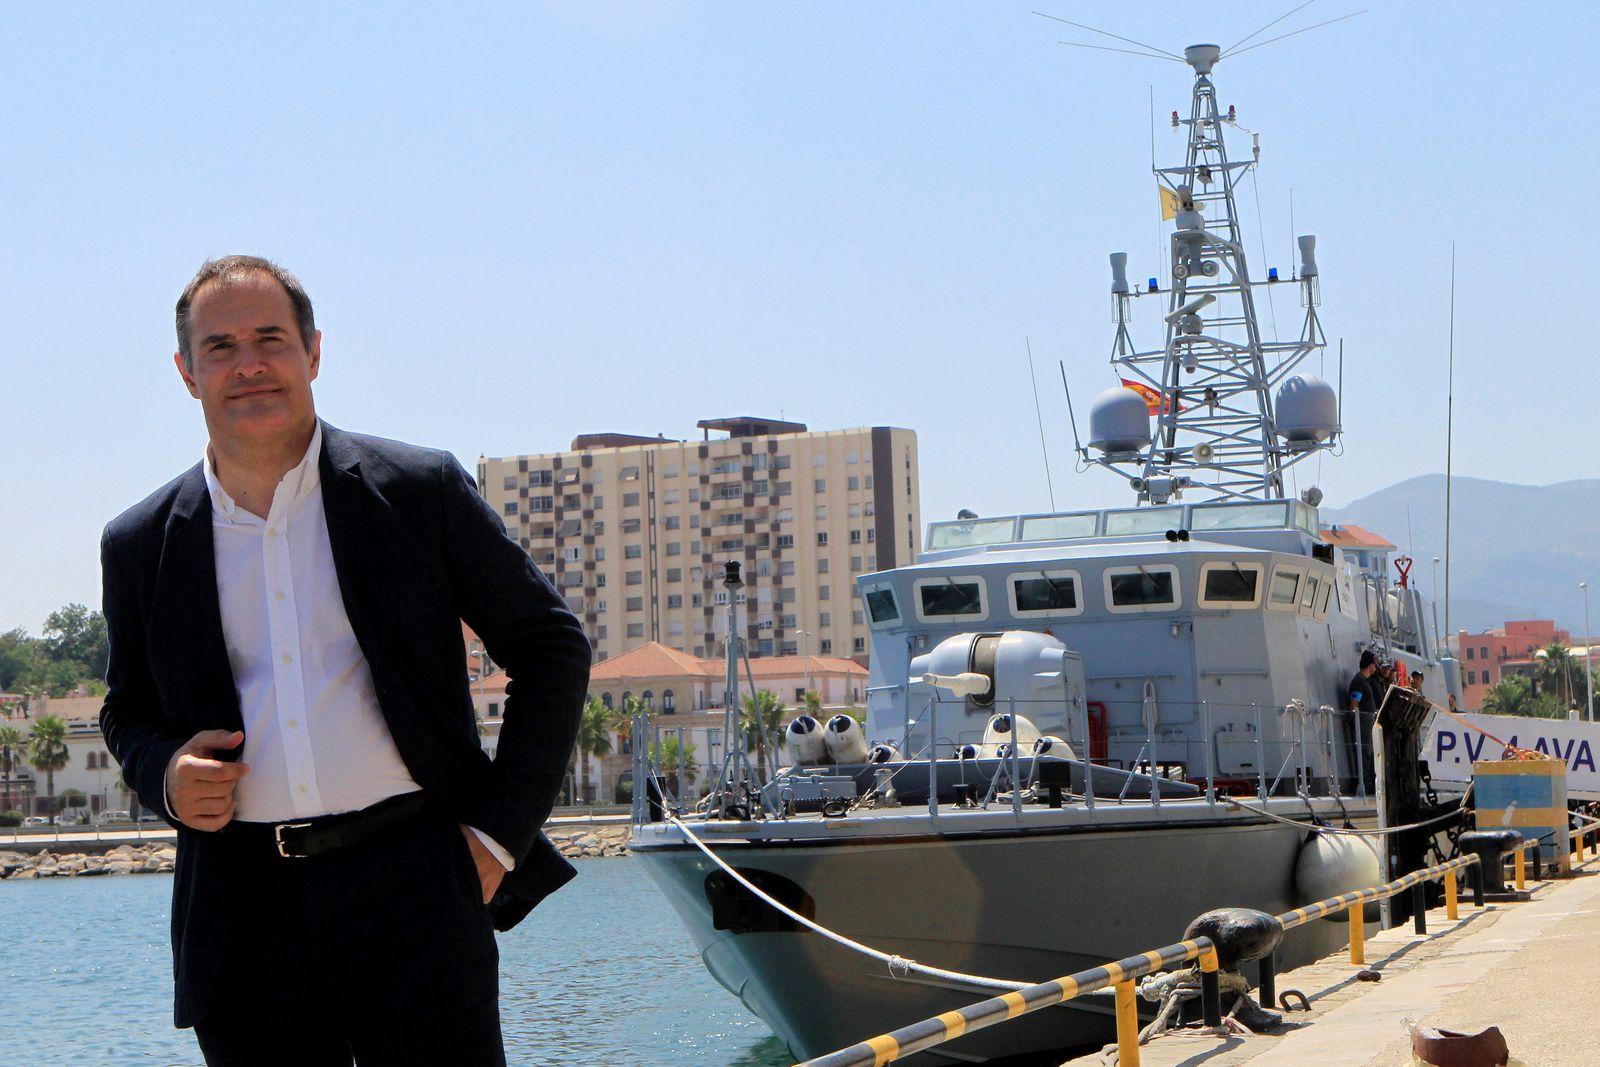 Frontex director visits